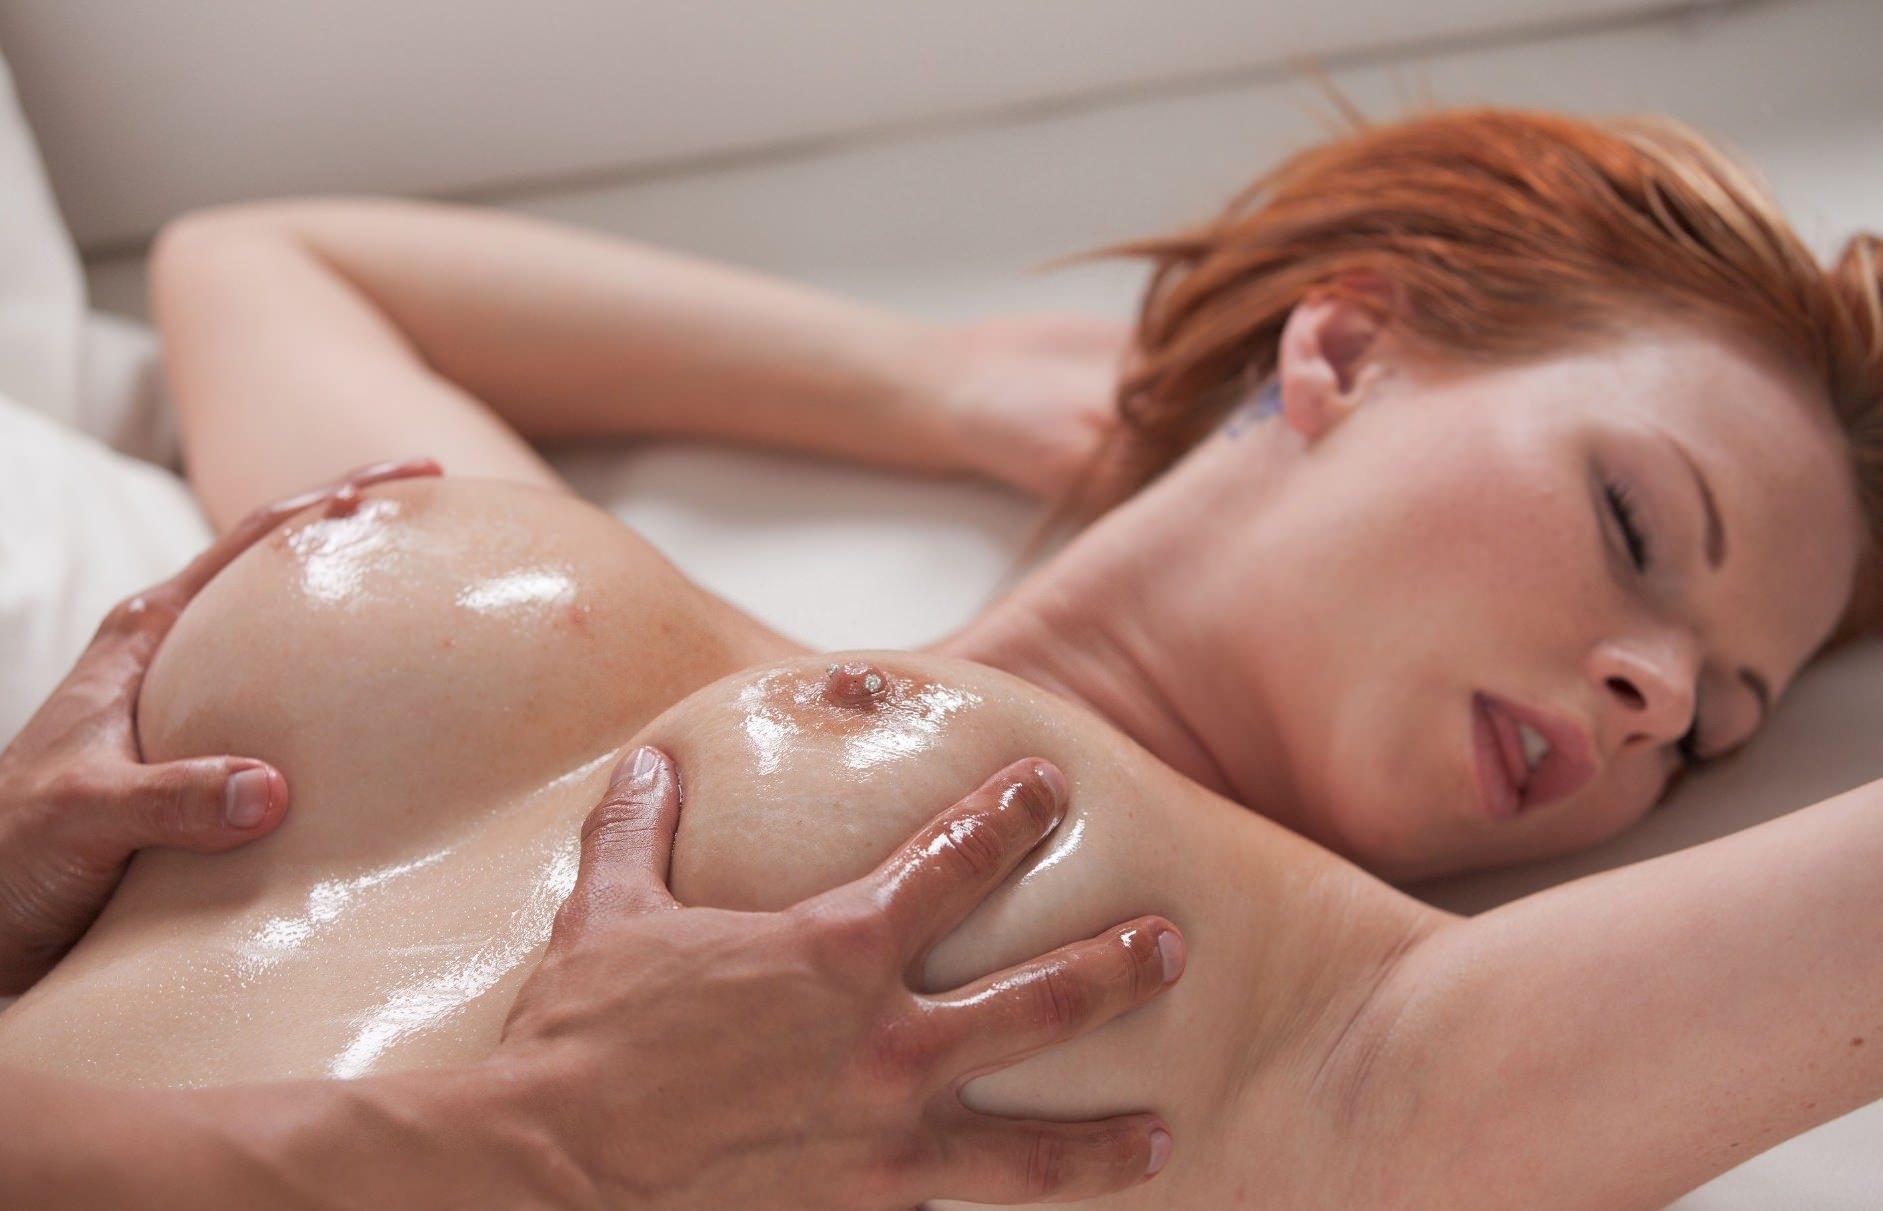 Эротический порно красивый массаж в масле 26 фотография